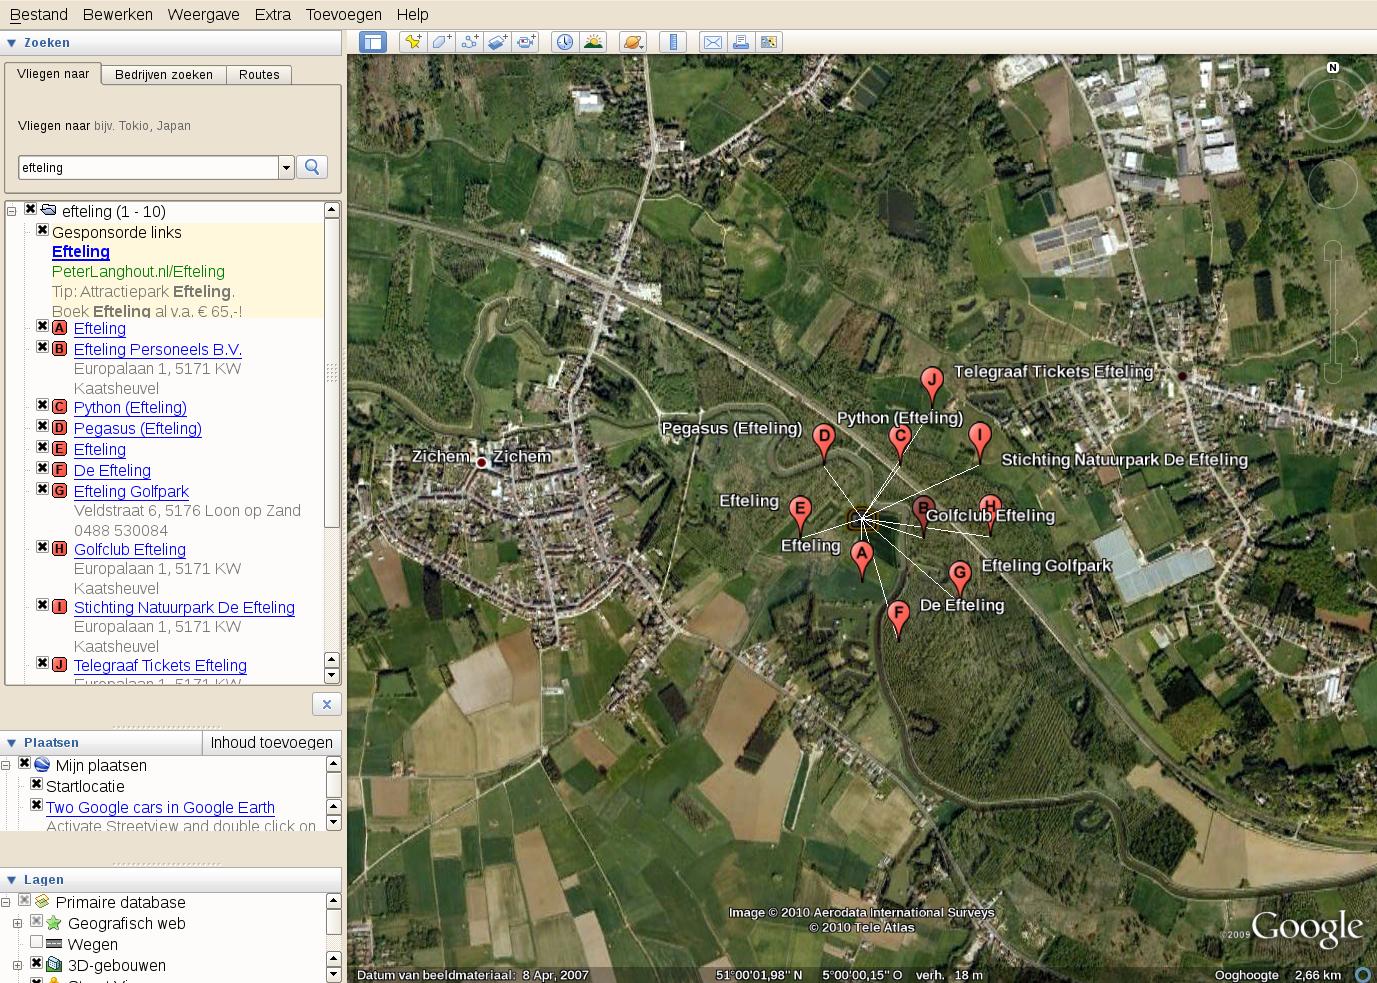 volgens de linux versie van Google Earth ligt de Efteling in Belgie